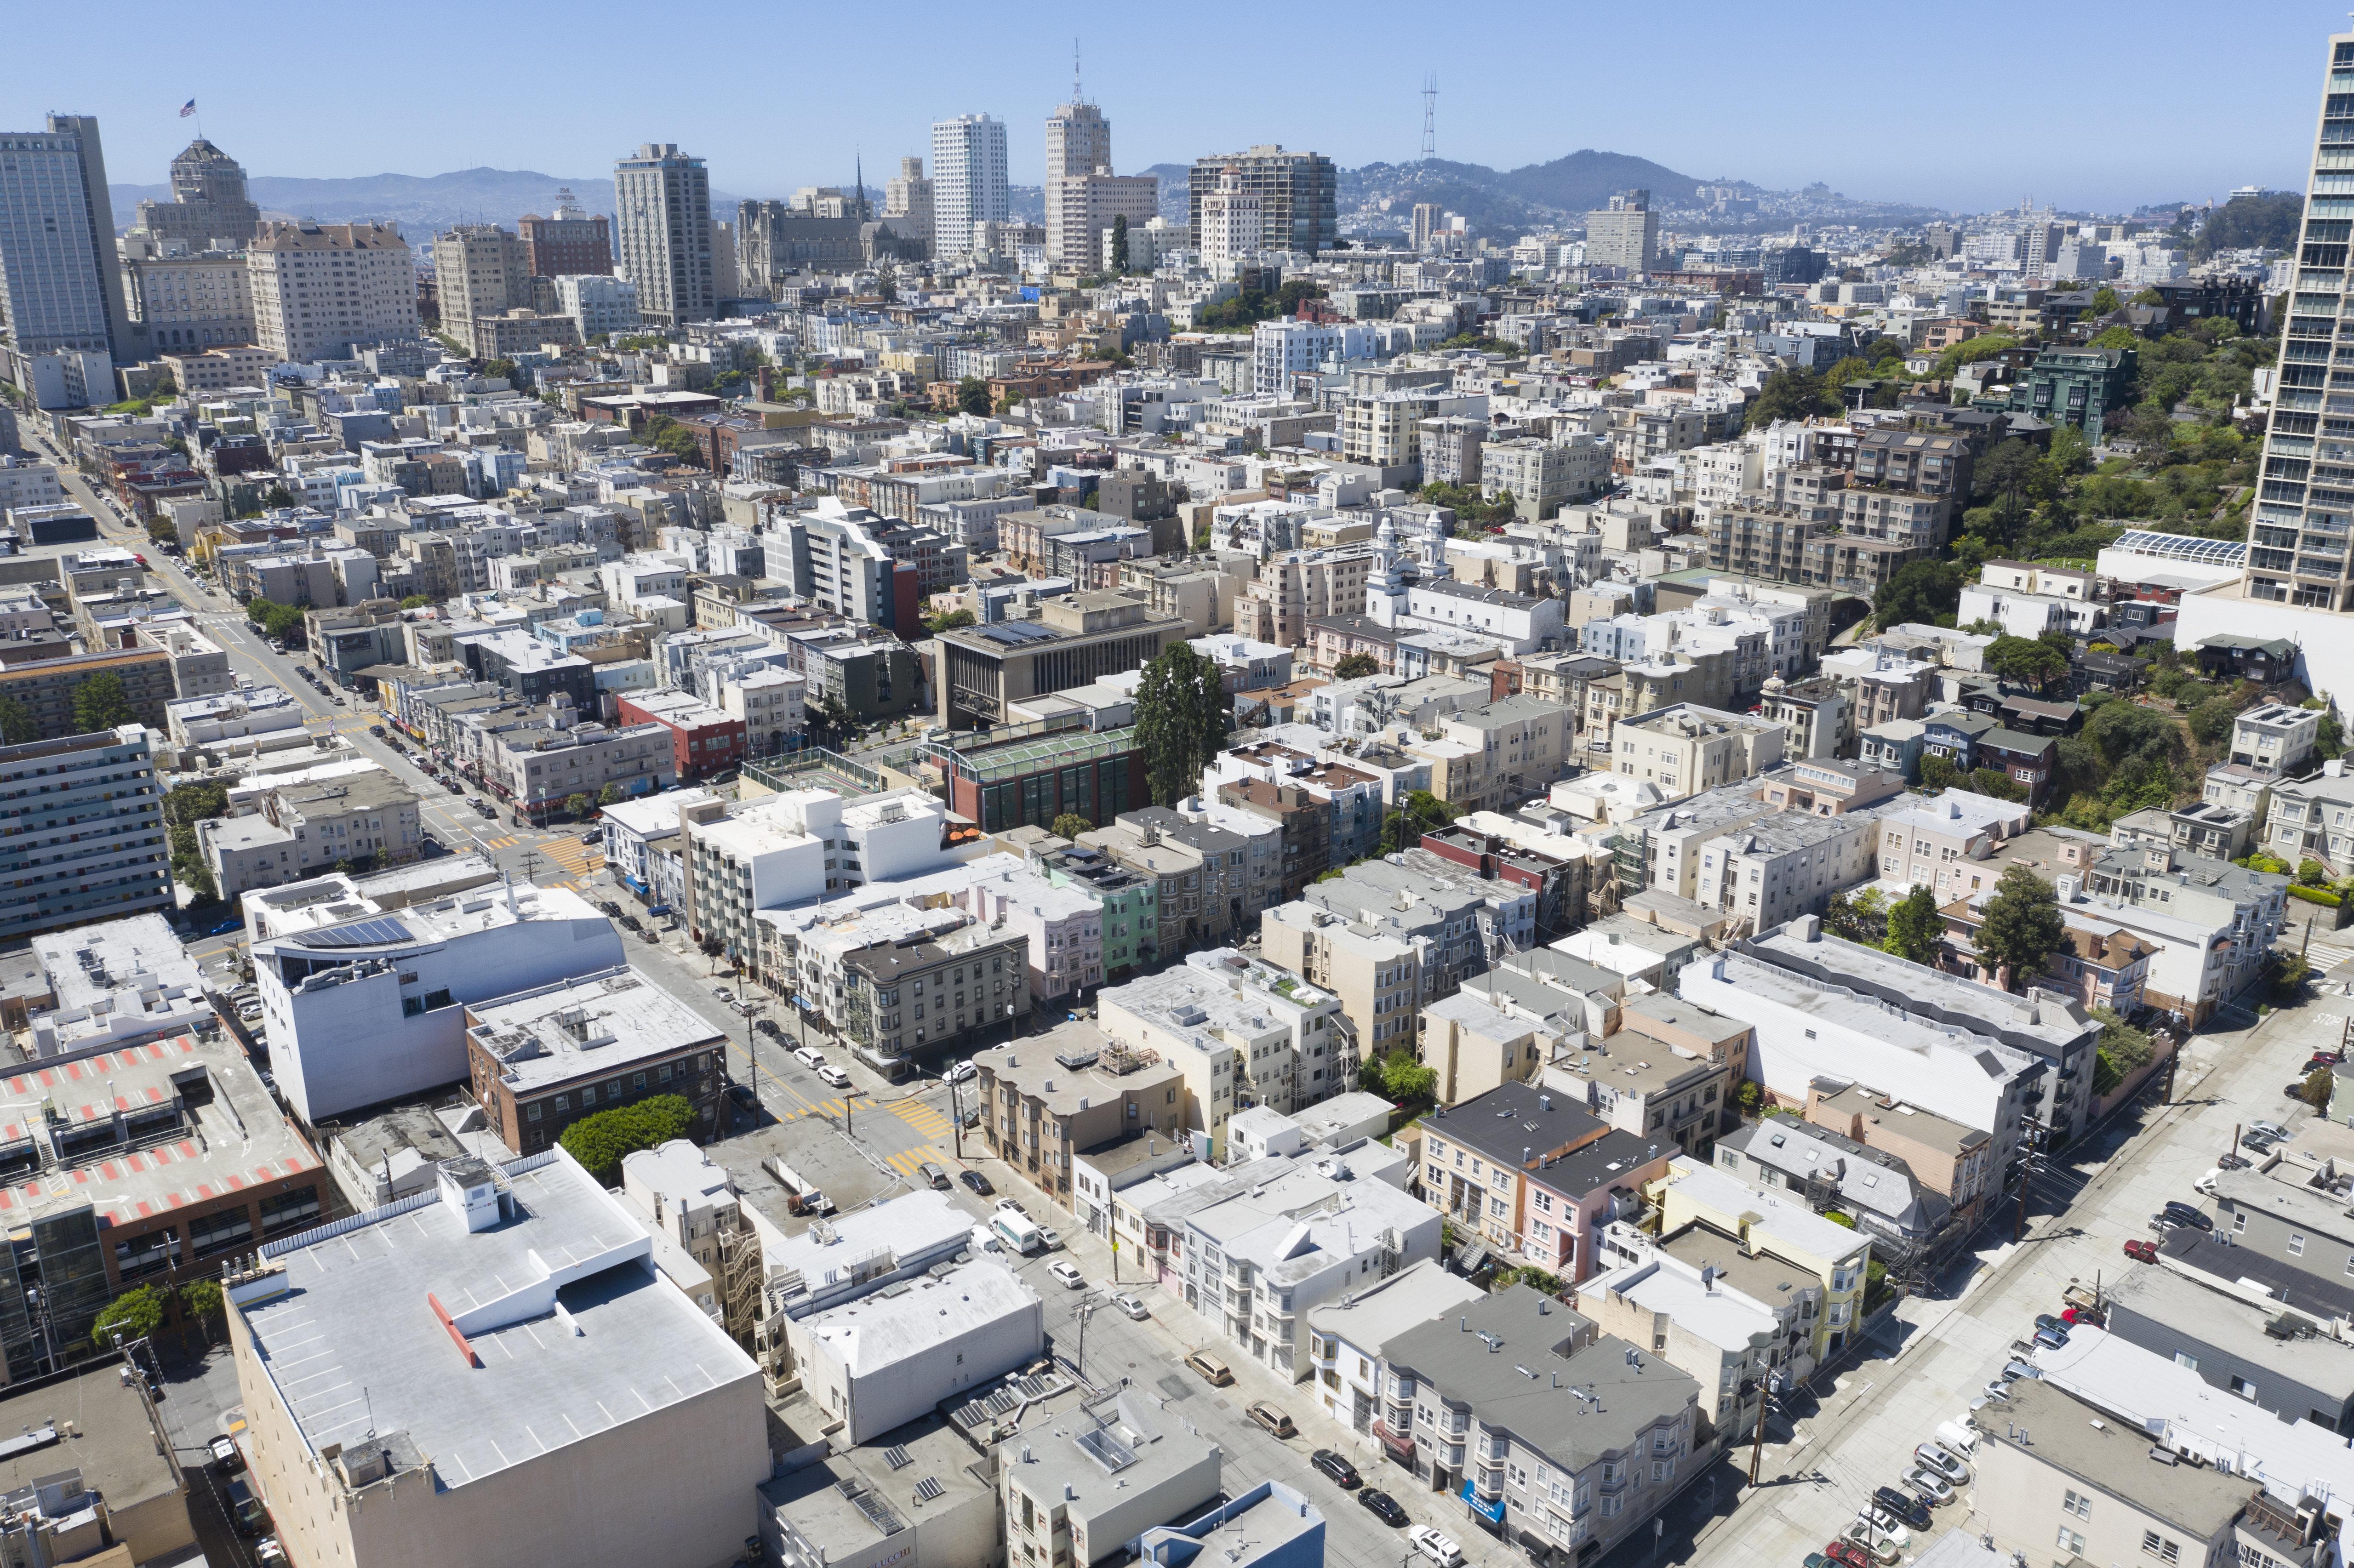 74457壁紙のダウンロード市, 都市, 建物, 屋根, 米国, アーキテクチャ-スクリーンセーバーと写真を無料で